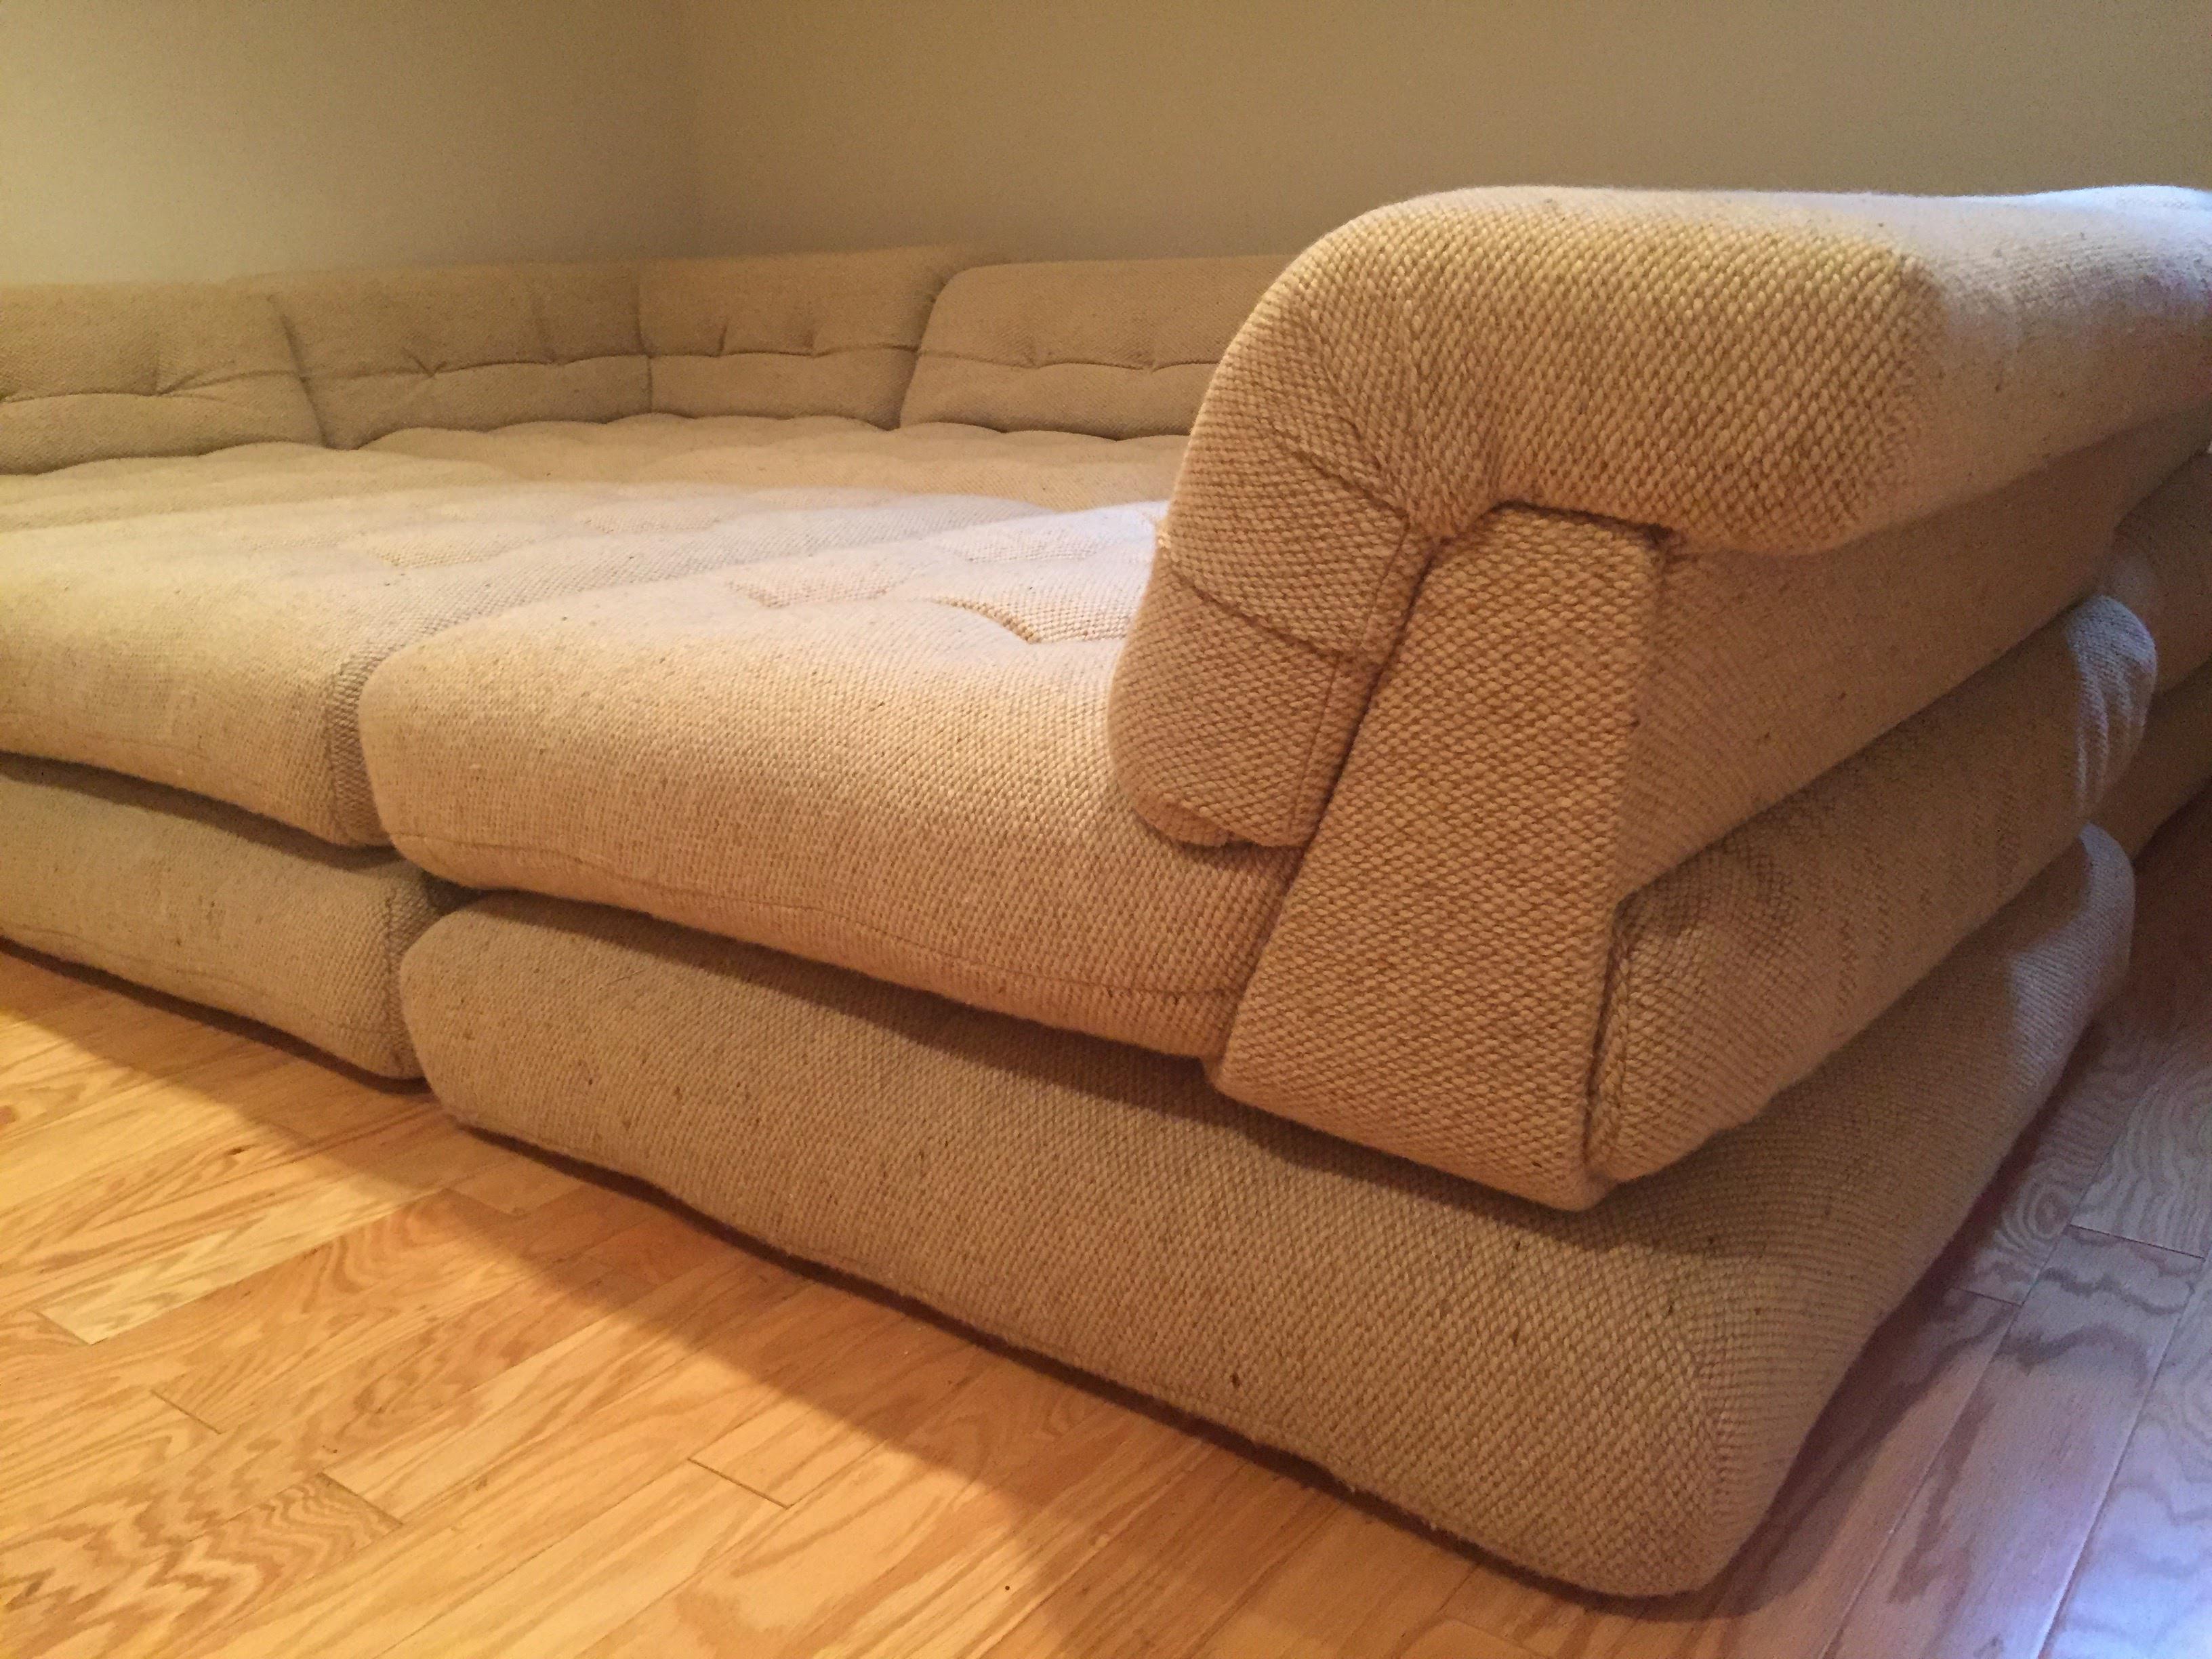 image of piece roche bobois mah jong vintage hans hopfer sofa set